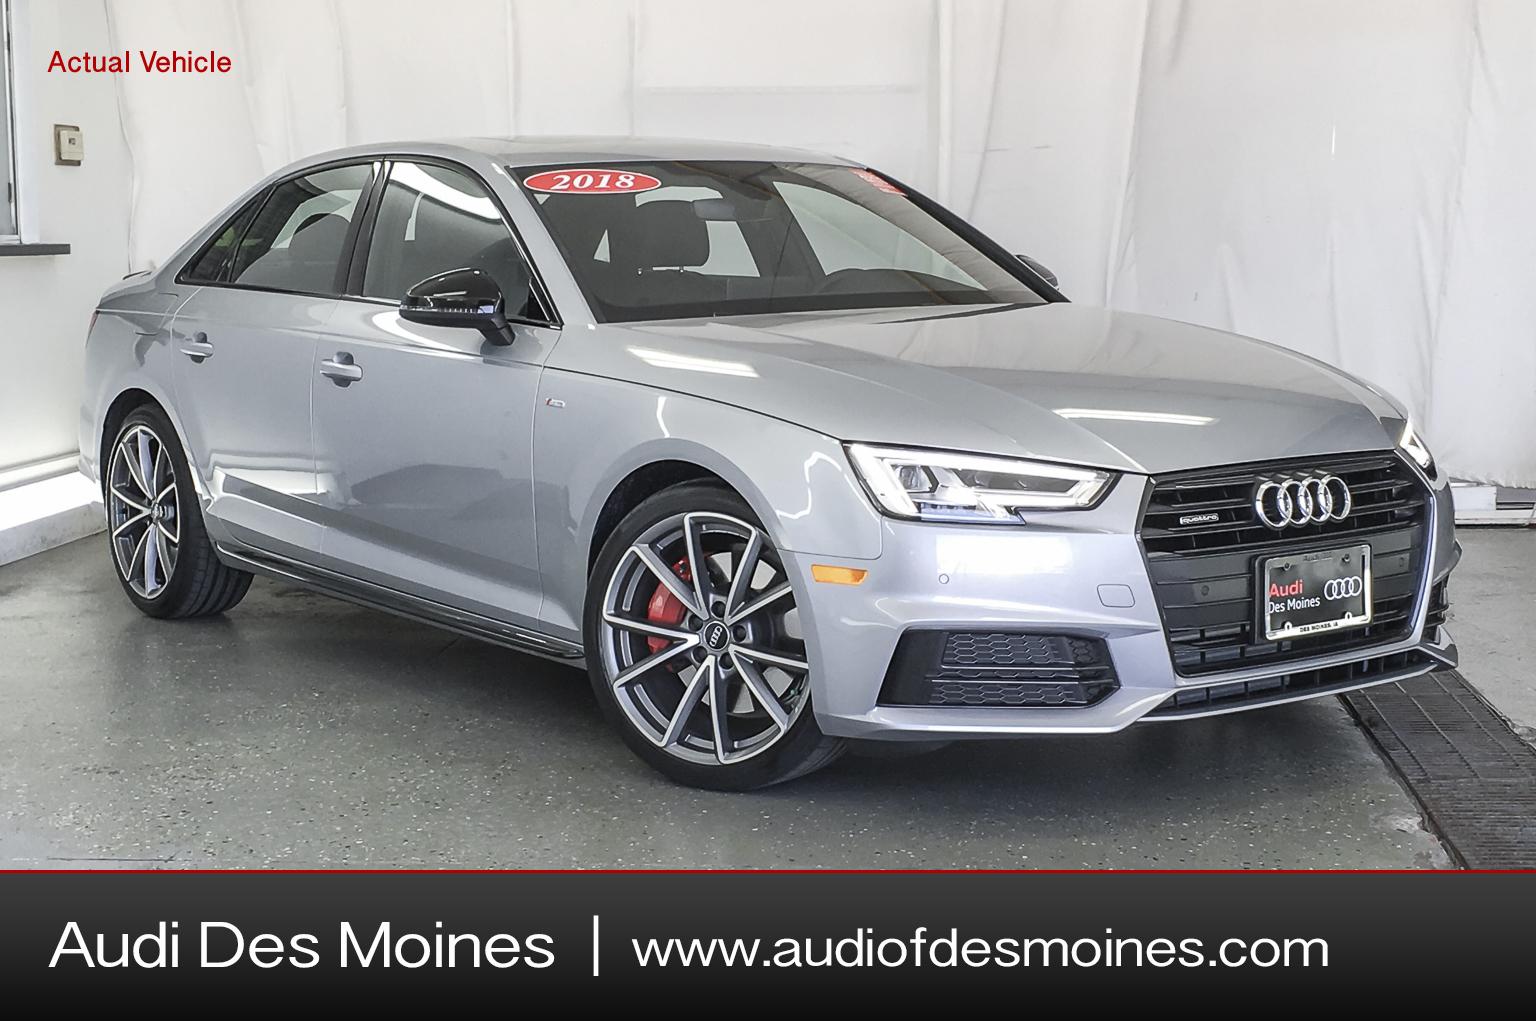 Pre-Owned 2018 Audi A4 2.0t Quattro 2.0 Tfsi Premium Plus S Tronic Quattro Awd